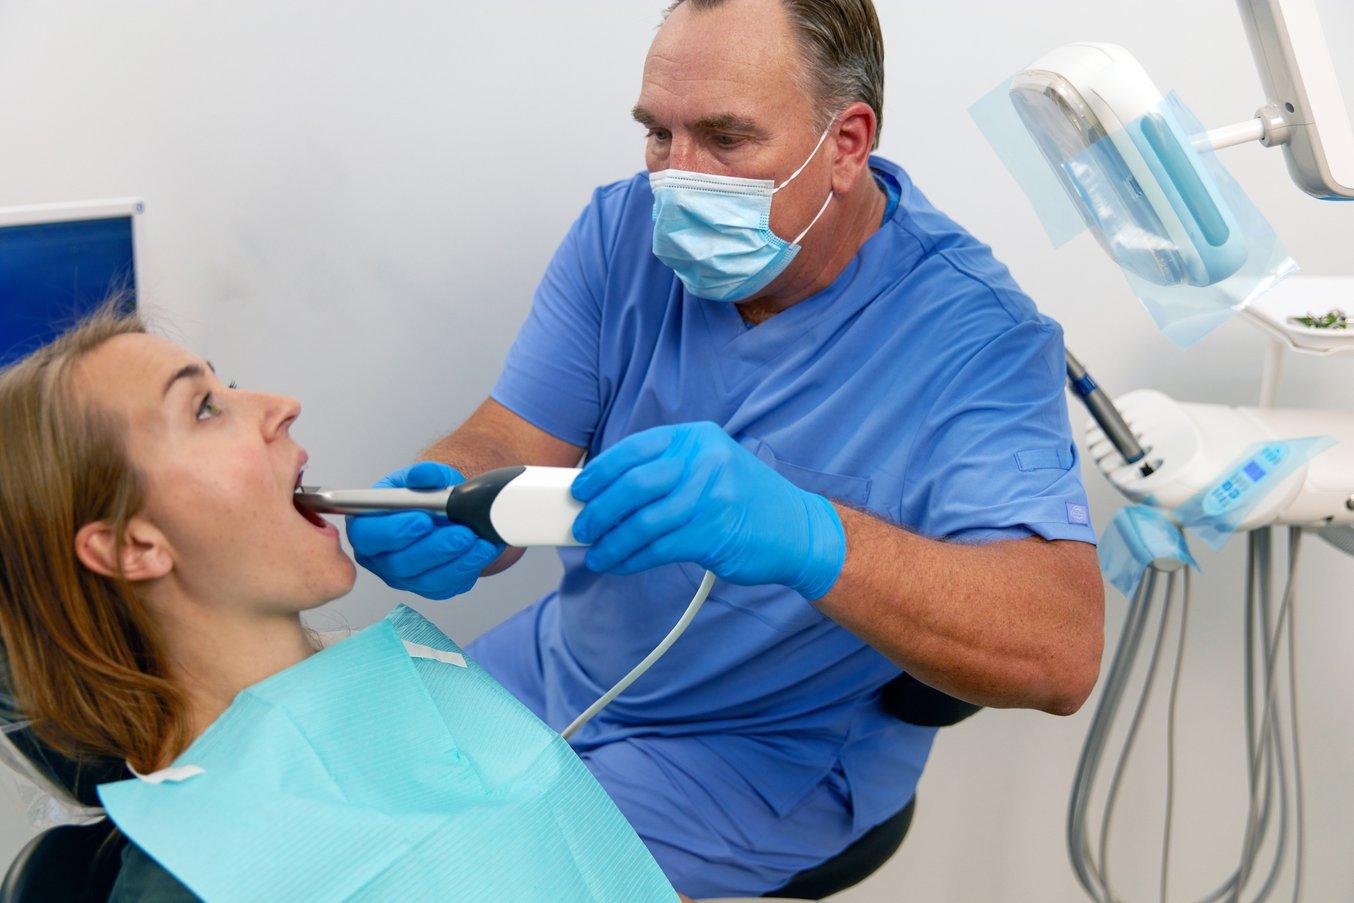 Внутриротовые сканеры сокращают время в кресле стоматолога и общие трудозатраты, снижают затраты на материалы и на доставку оттисков в стоматологическую лабораторию.